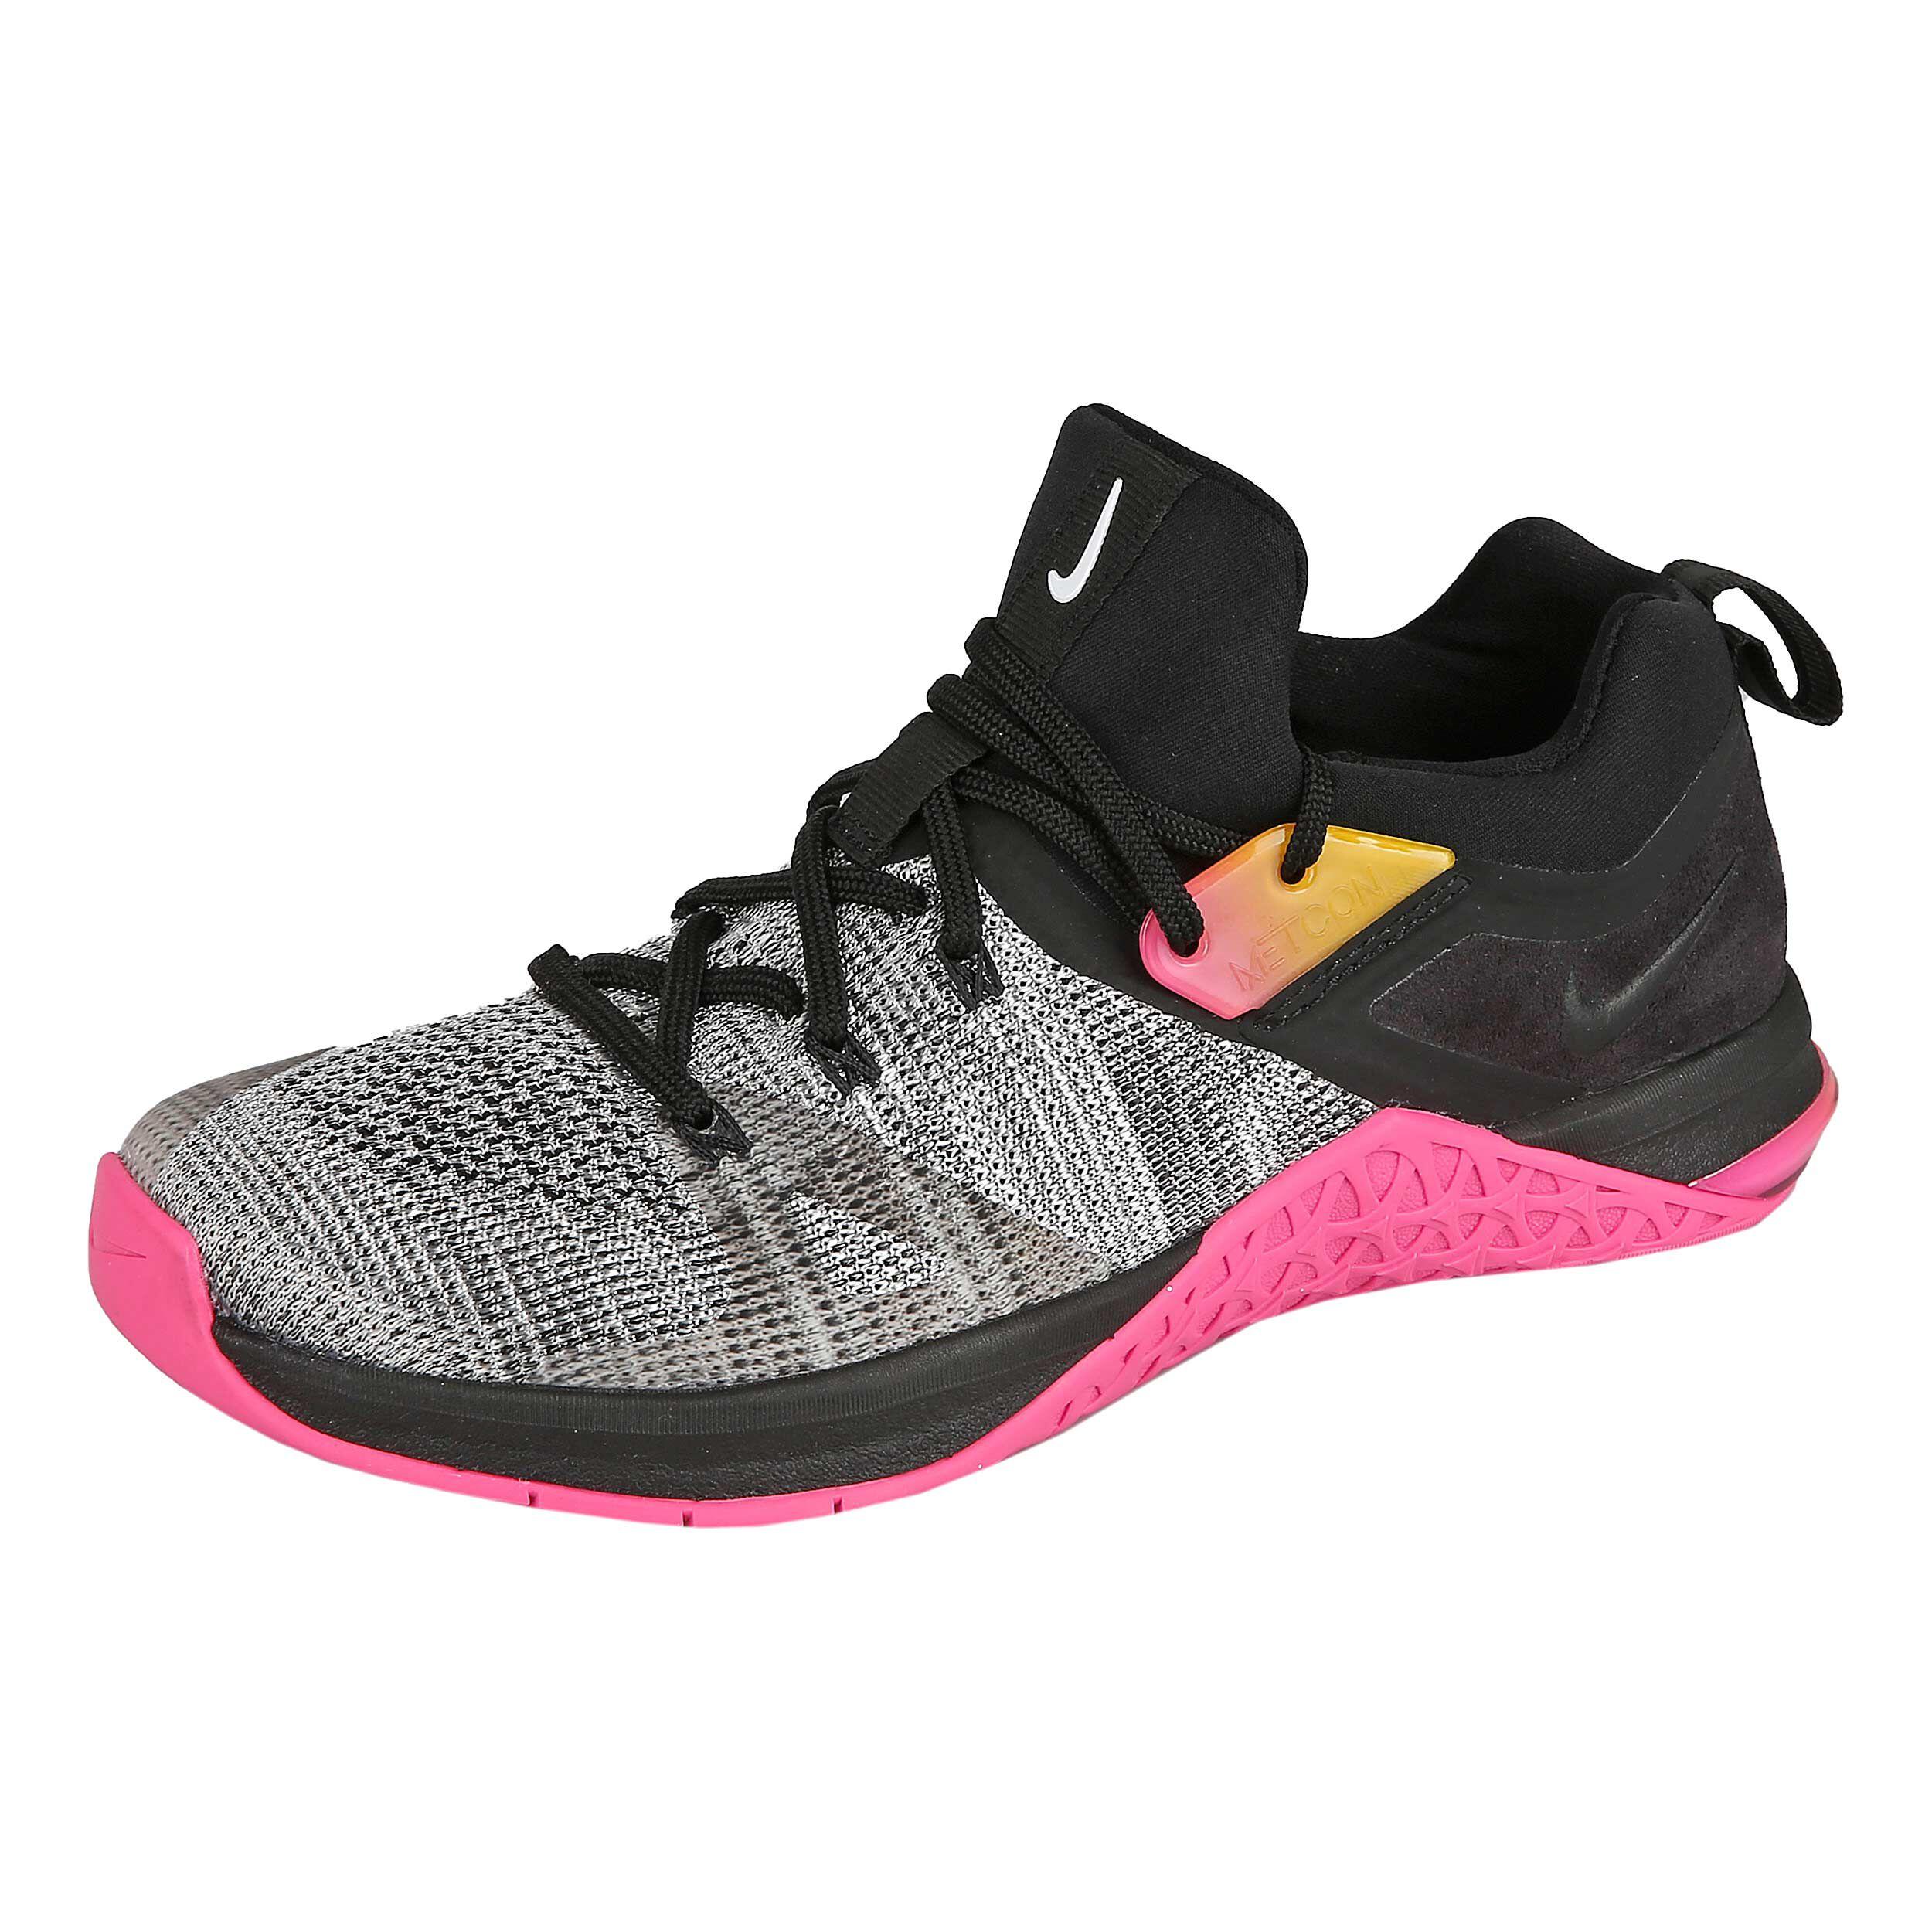 buy Nike Metcon Flyknit 3 Fitness Shoe